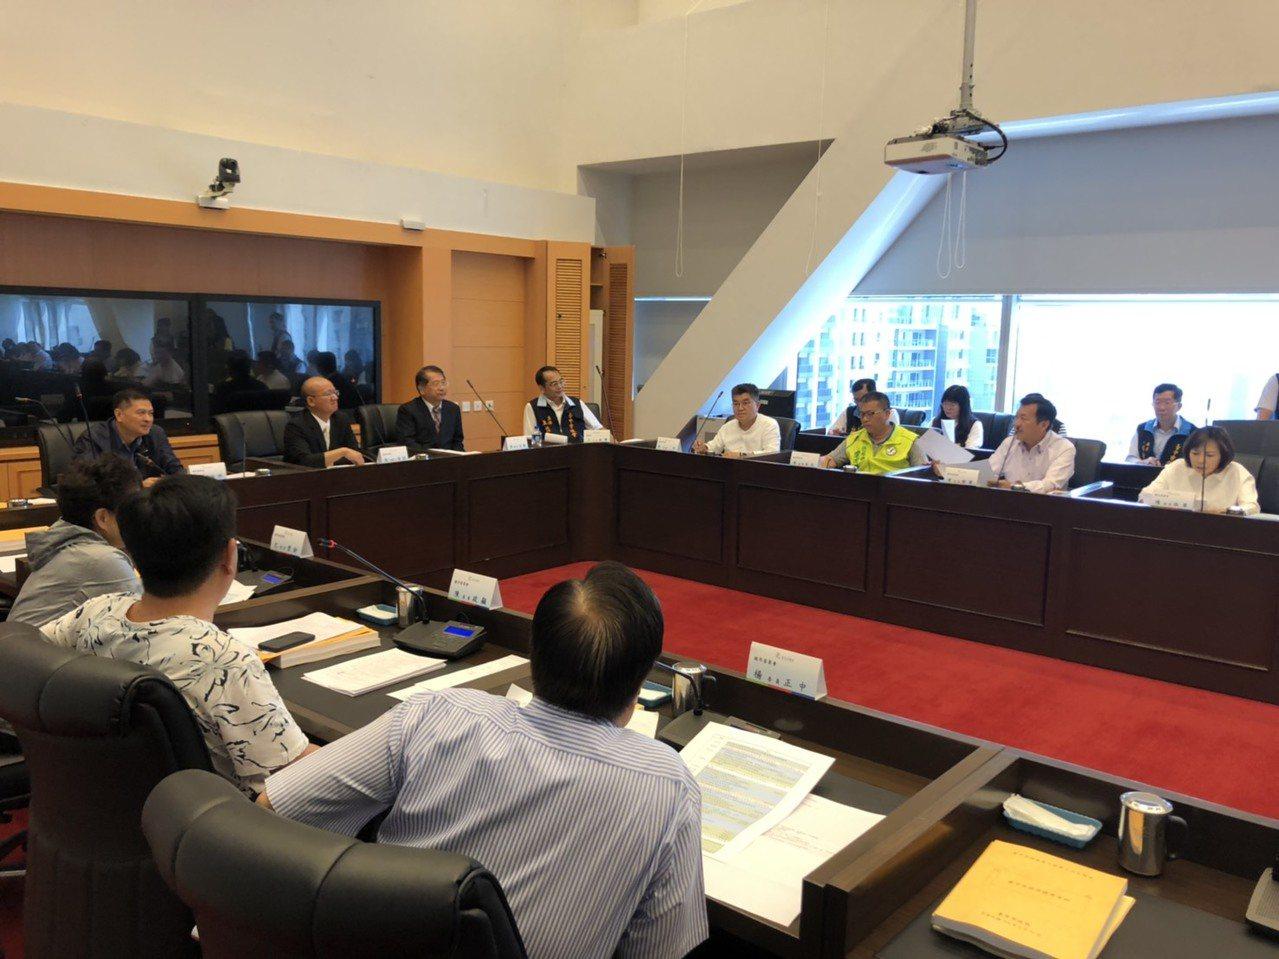 台中市議會議員出國考察 質詢縮短天數